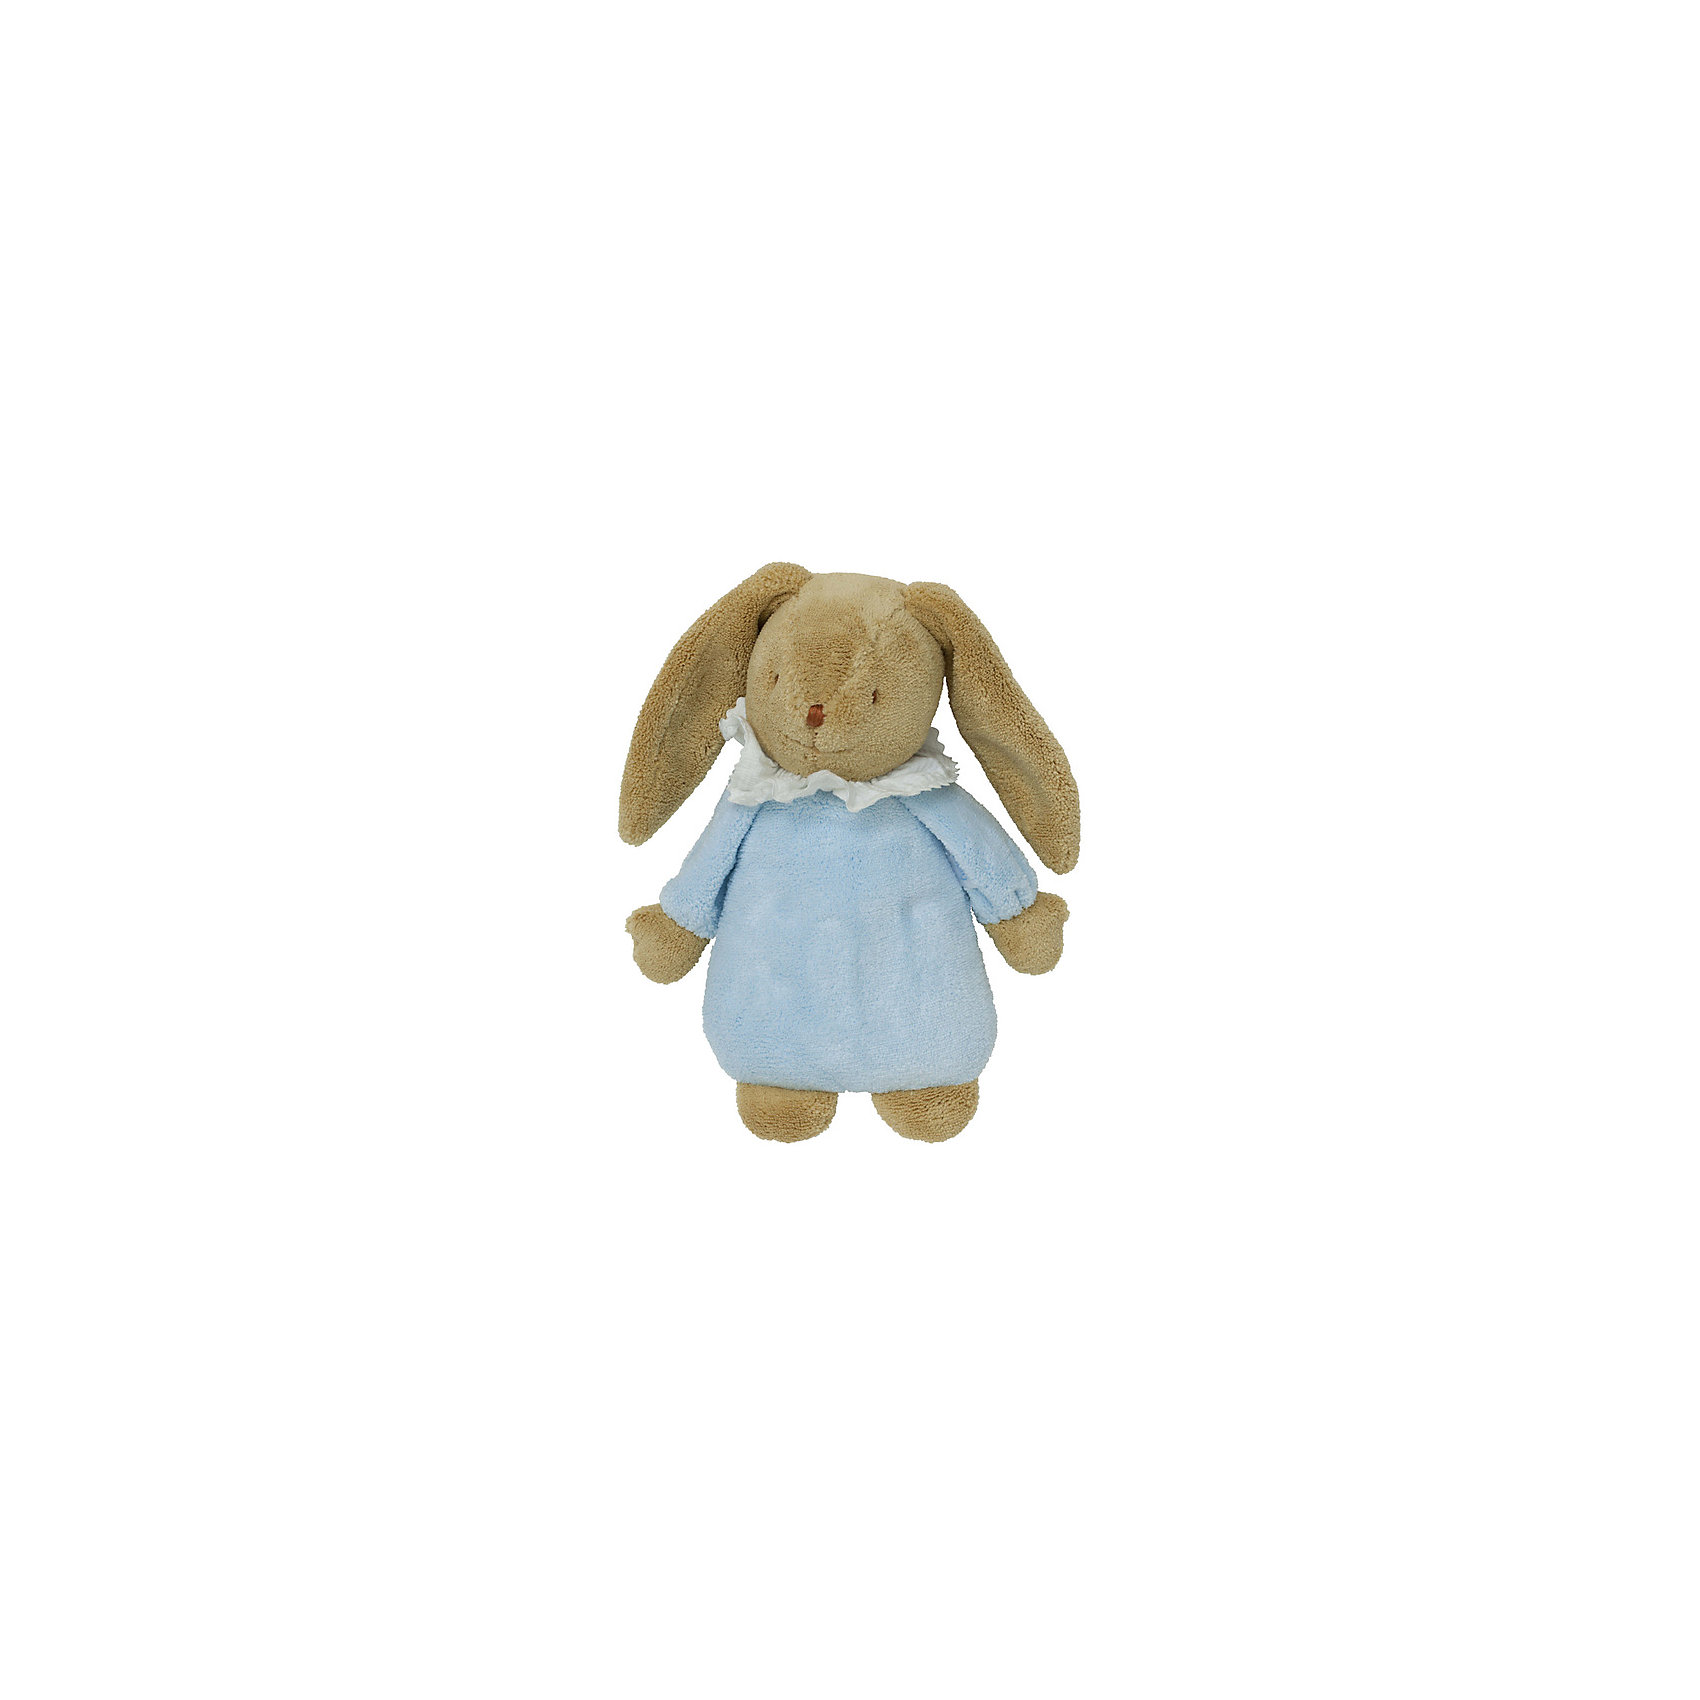 Мягкая игрушка Зайка с музыкой, голубой, 25см&#13;, TrousselierЗайцы и кролики<br>Мягкая игрушка Зайка с музыкой, голубой, 25см, Trousselier (Трусельер).<br><br>Характеристики:<br><br>- Высота игрушки: 25 см.<br>- Материал: хлопковый велюр<br>- Цвет: голубой<br>- Мелодия: Колыбельная Моцарт<br>- Уход: возможна ручная стирка игрушки<br><br>Мягкая игрушка выполнена в виде очаровательного зайчика. У зайчика длинные мягкие ушки, нарядное платьице небесно-голубого цвета с белым воротничком. Такое сочетание лаконичного дизайна и невероятного обаяния – идеальный вариант для крохи с ранних лет его жизни. Зайчик составит компанию вашему малышу во время игры, а также во время сладкого сна. Игрушка имеет музыкальный блок, который может воспроизводить нежную колыбельную мелодию. Игрушка изготовлена из мягкого, приятного на ощупь, гипоаллергенного материала - хлопкового велюра. Французский бренд Trousselier (Трусельер) вот уже более 40 лет создает уникальные коллекции детских игрушек. Вся продукция изготавливается из натуральных материалов с соблюдением высоких европейских стандартов качества.<br><br>Мягкую игрушку Зайка с музыкой, голубую, 25см, Trousselier (Трусельер) можно купить в нашем интернет-магазине.<br><br>Ширина мм: 190<br>Глубина мм: 190<br>Высота мм: 90<br>Вес г: 330<br>Возраст от месяцев: -2147483648<br>Возраст до месяцев: 2147483647<br>Пол: Унисекс<br>Возраст: Детский<br>SKU: 4964818